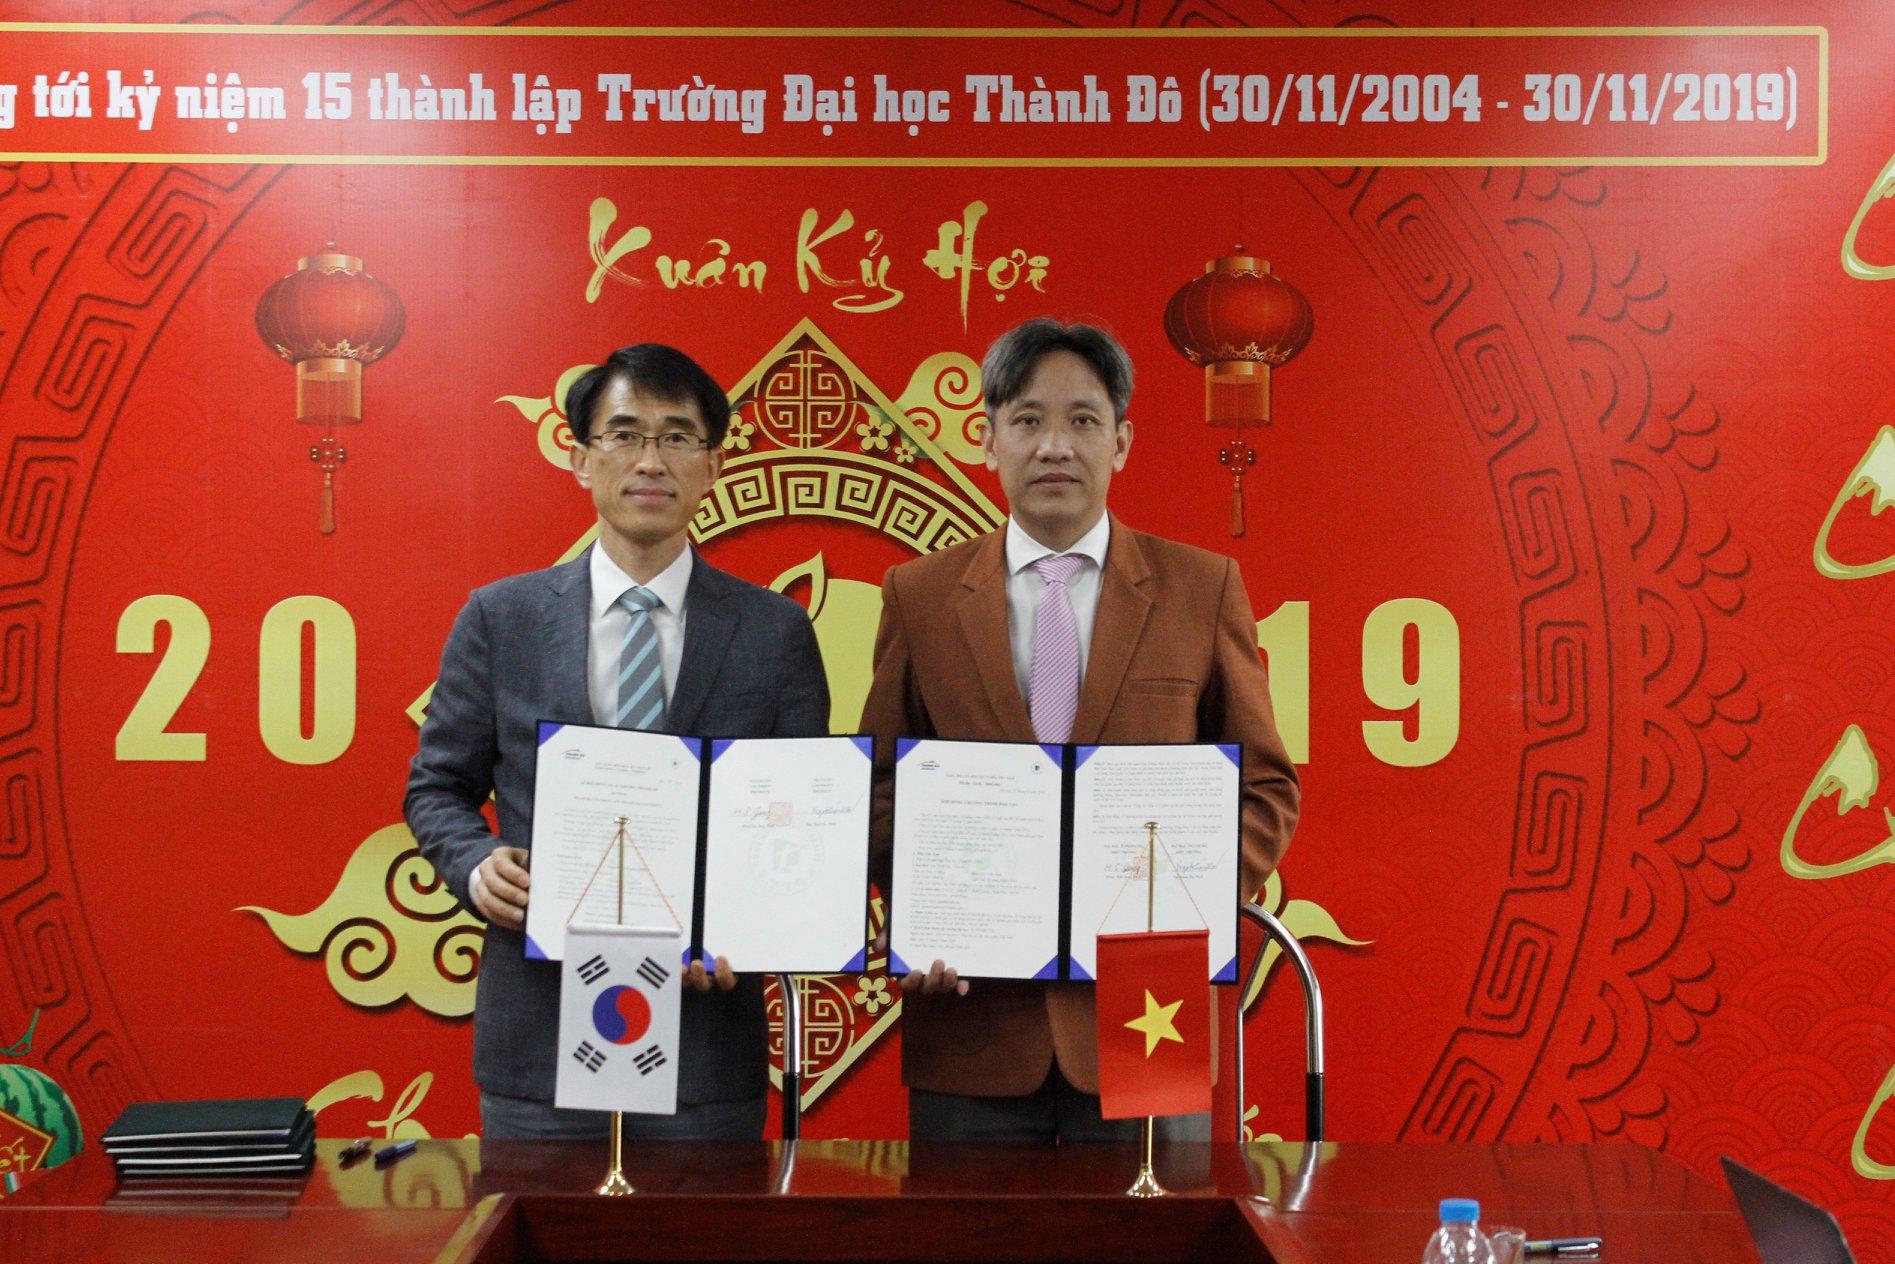 Tuyển sinh Kỹ sư Chất lượng cao làm việc tại Hàn Quốc